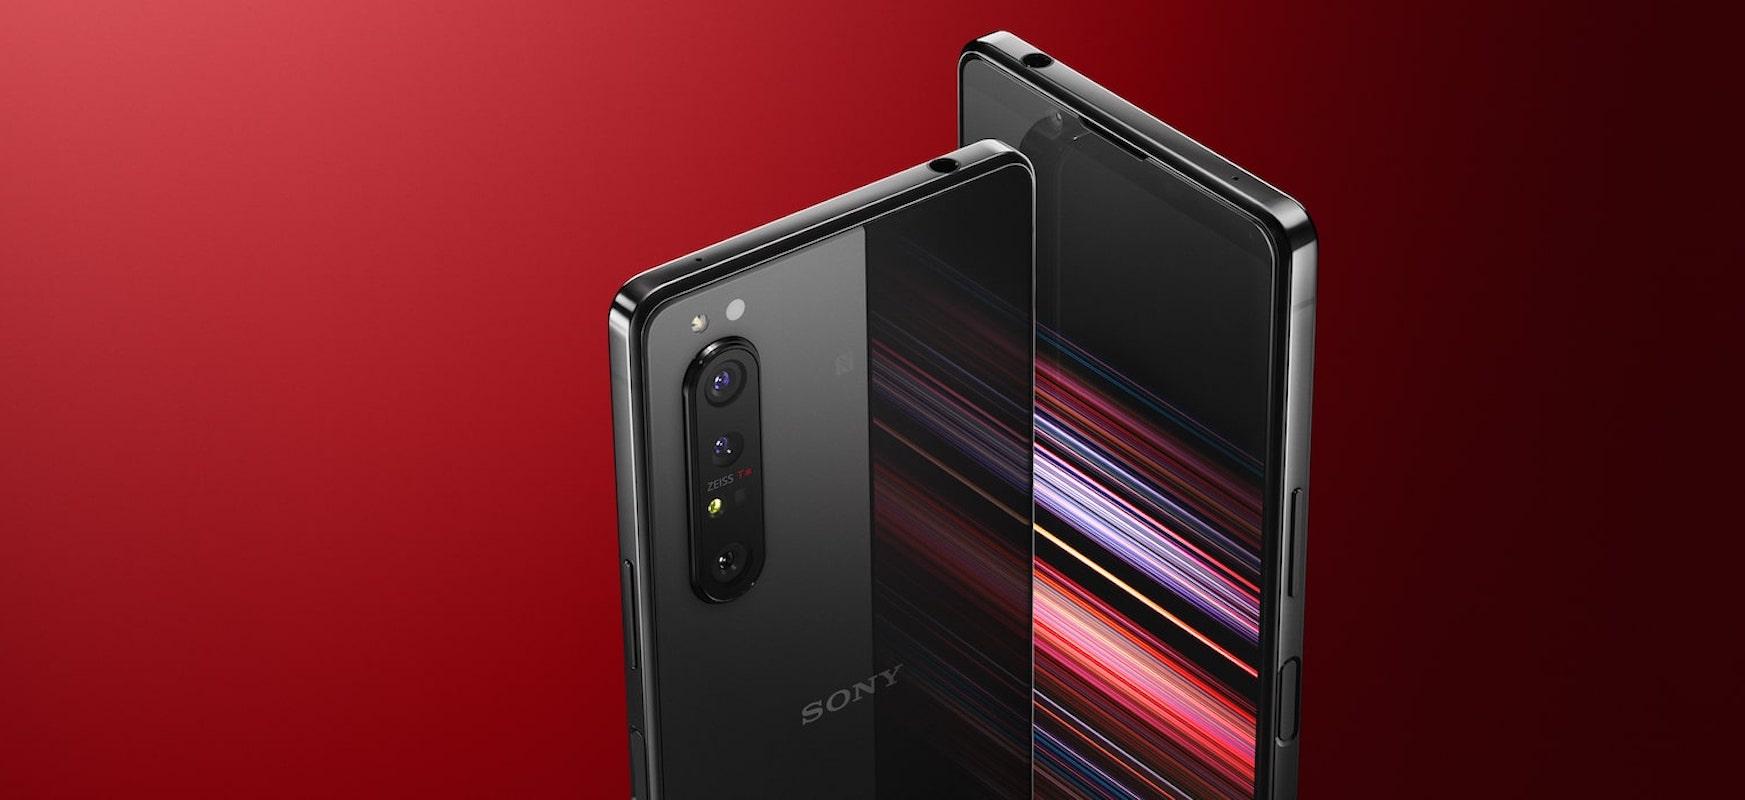 Sony Xperia 1 II pre-salmentara joan nintzen.  PLN 5299 prezioa  WF-1000XM3 entzungailuak opari gisa